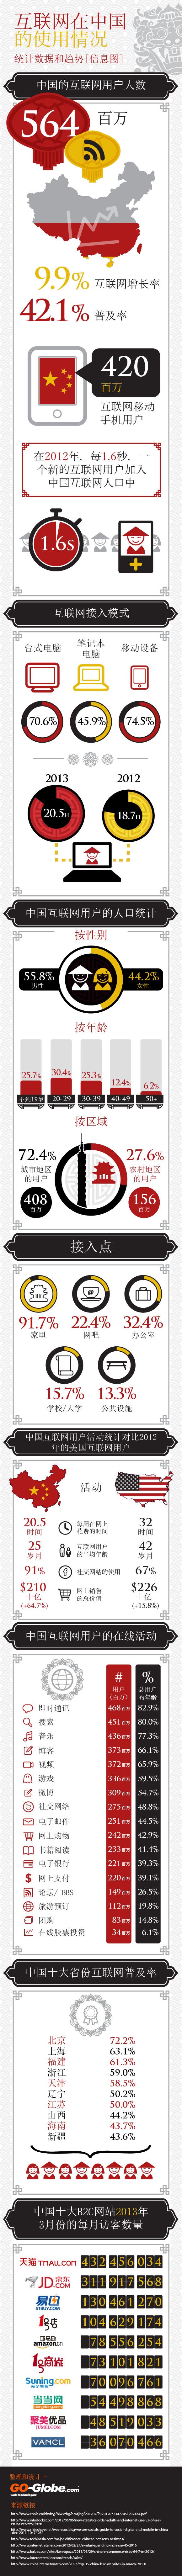 互联网在中国的使用情况 — 统计数据和趋势